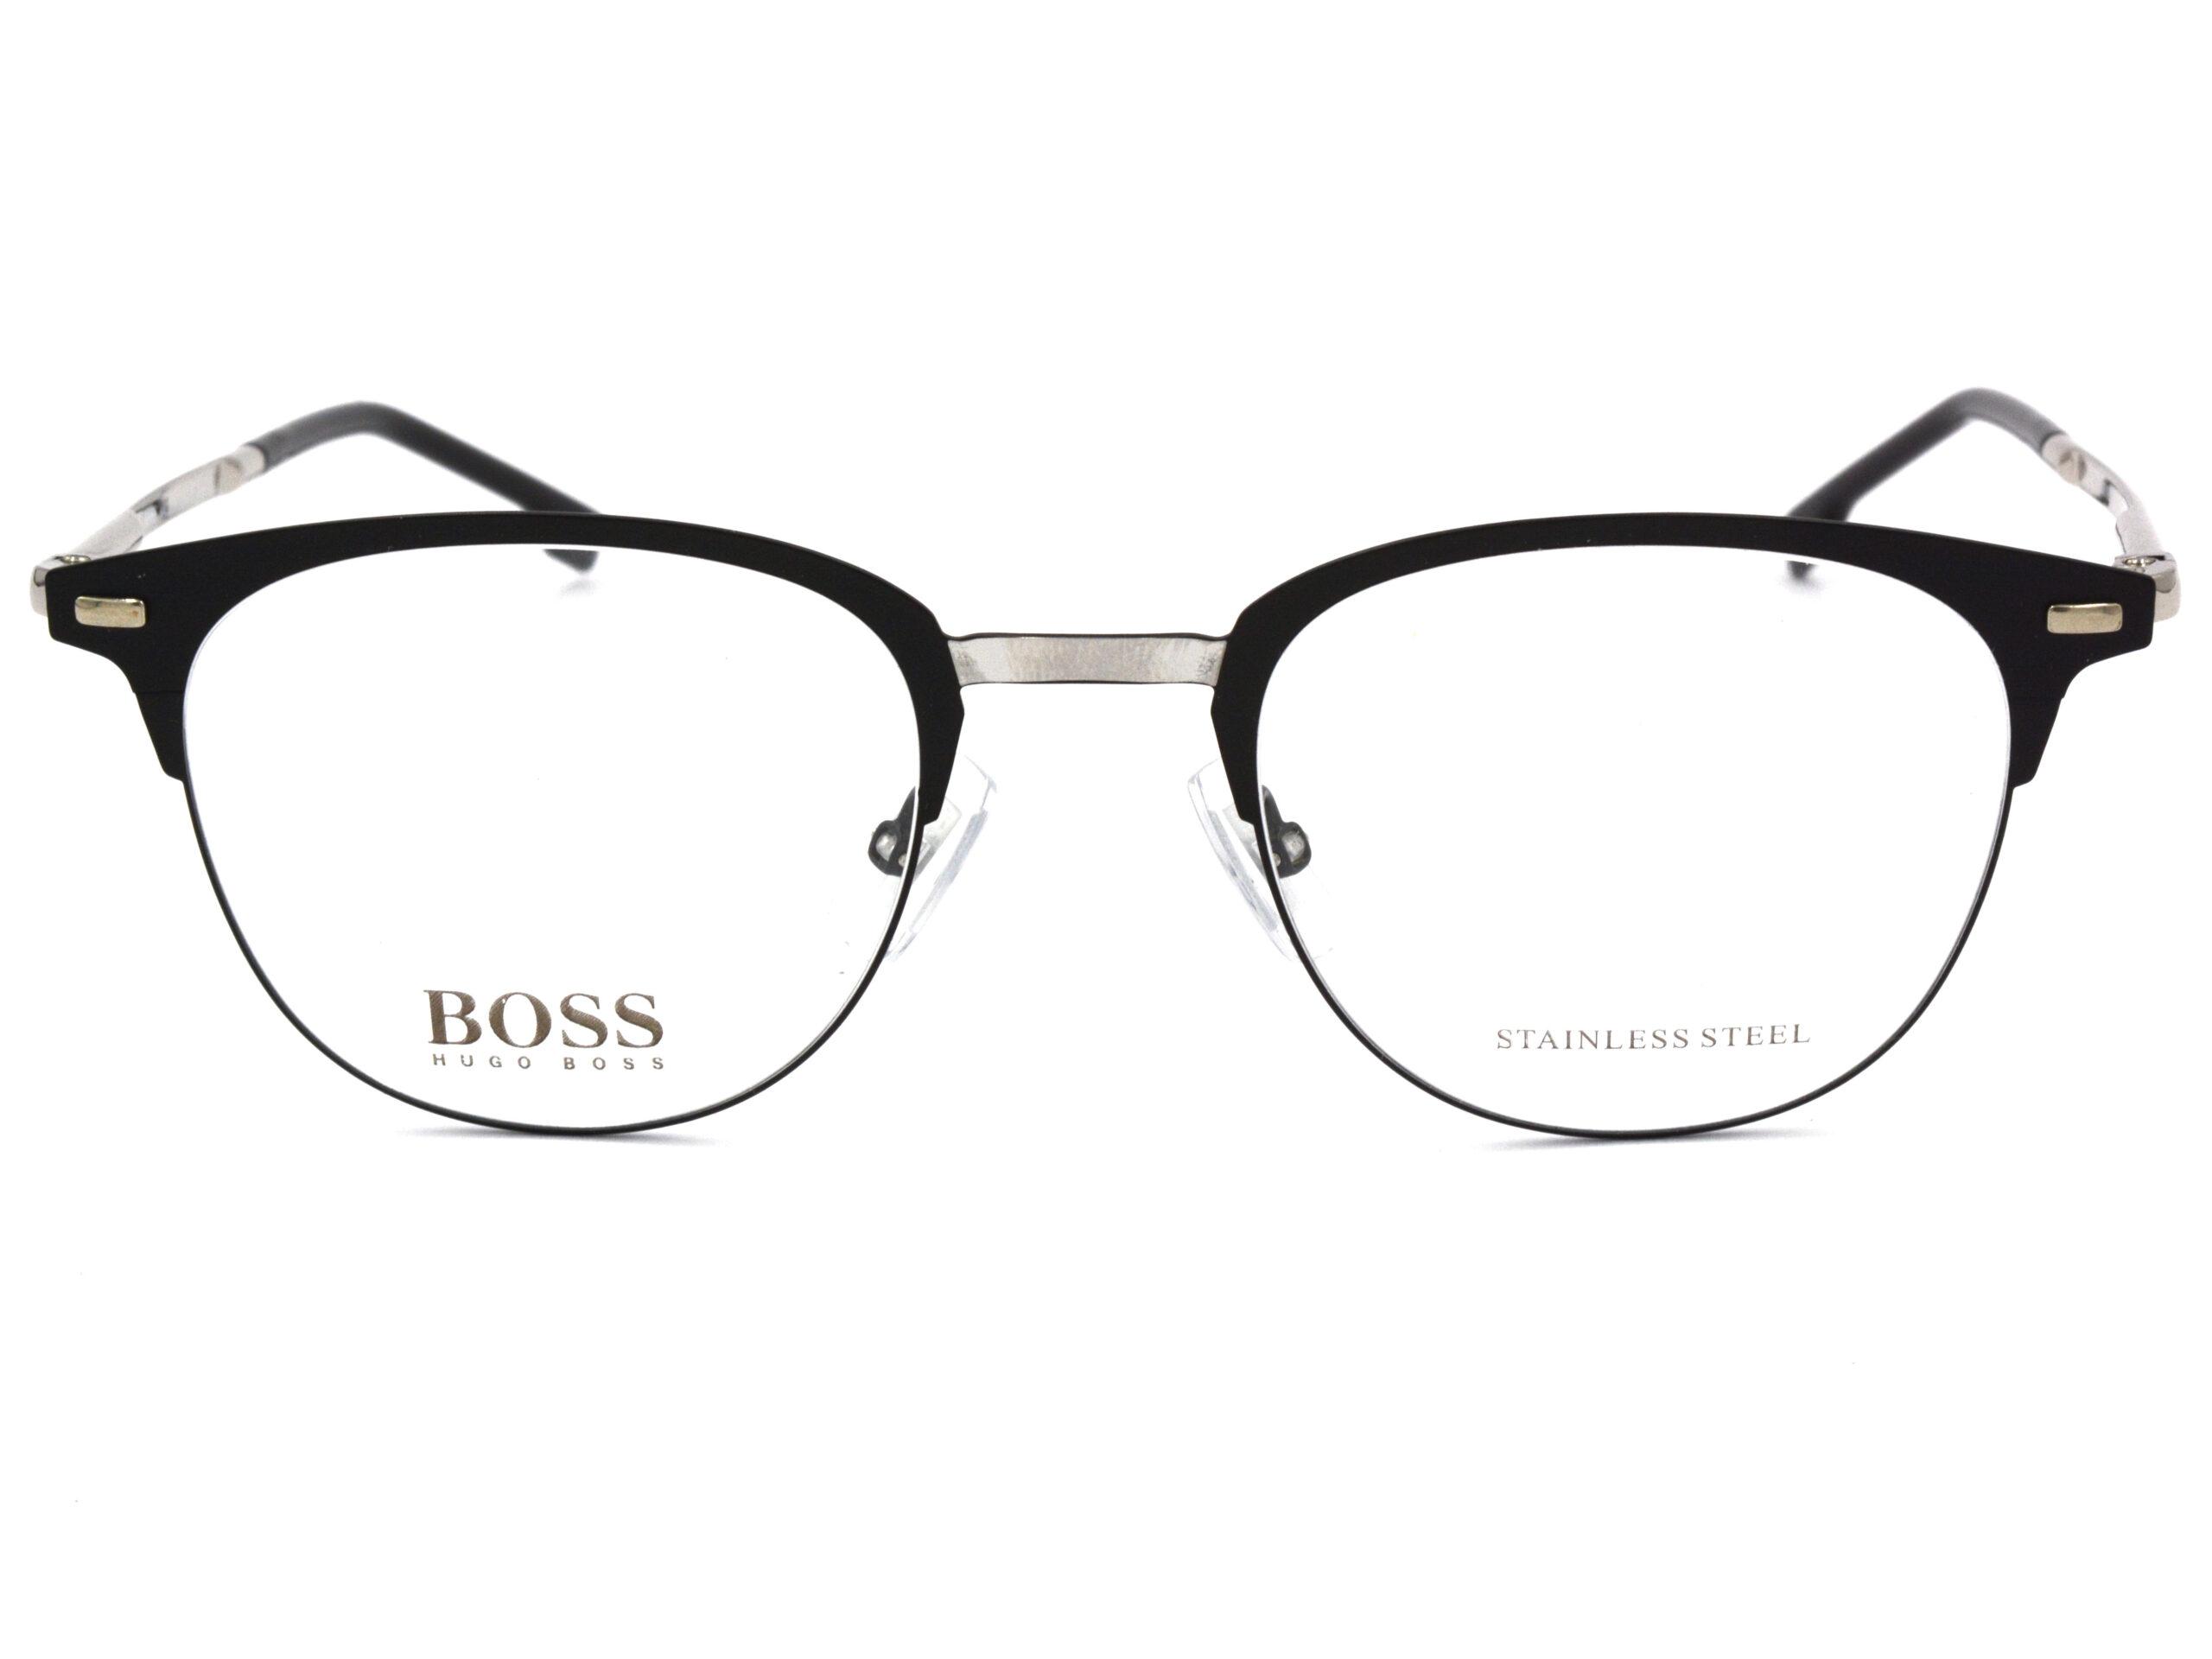 Γυαλιά οράσεως HUGO BOSS 0952 F 003 Πειραιάς